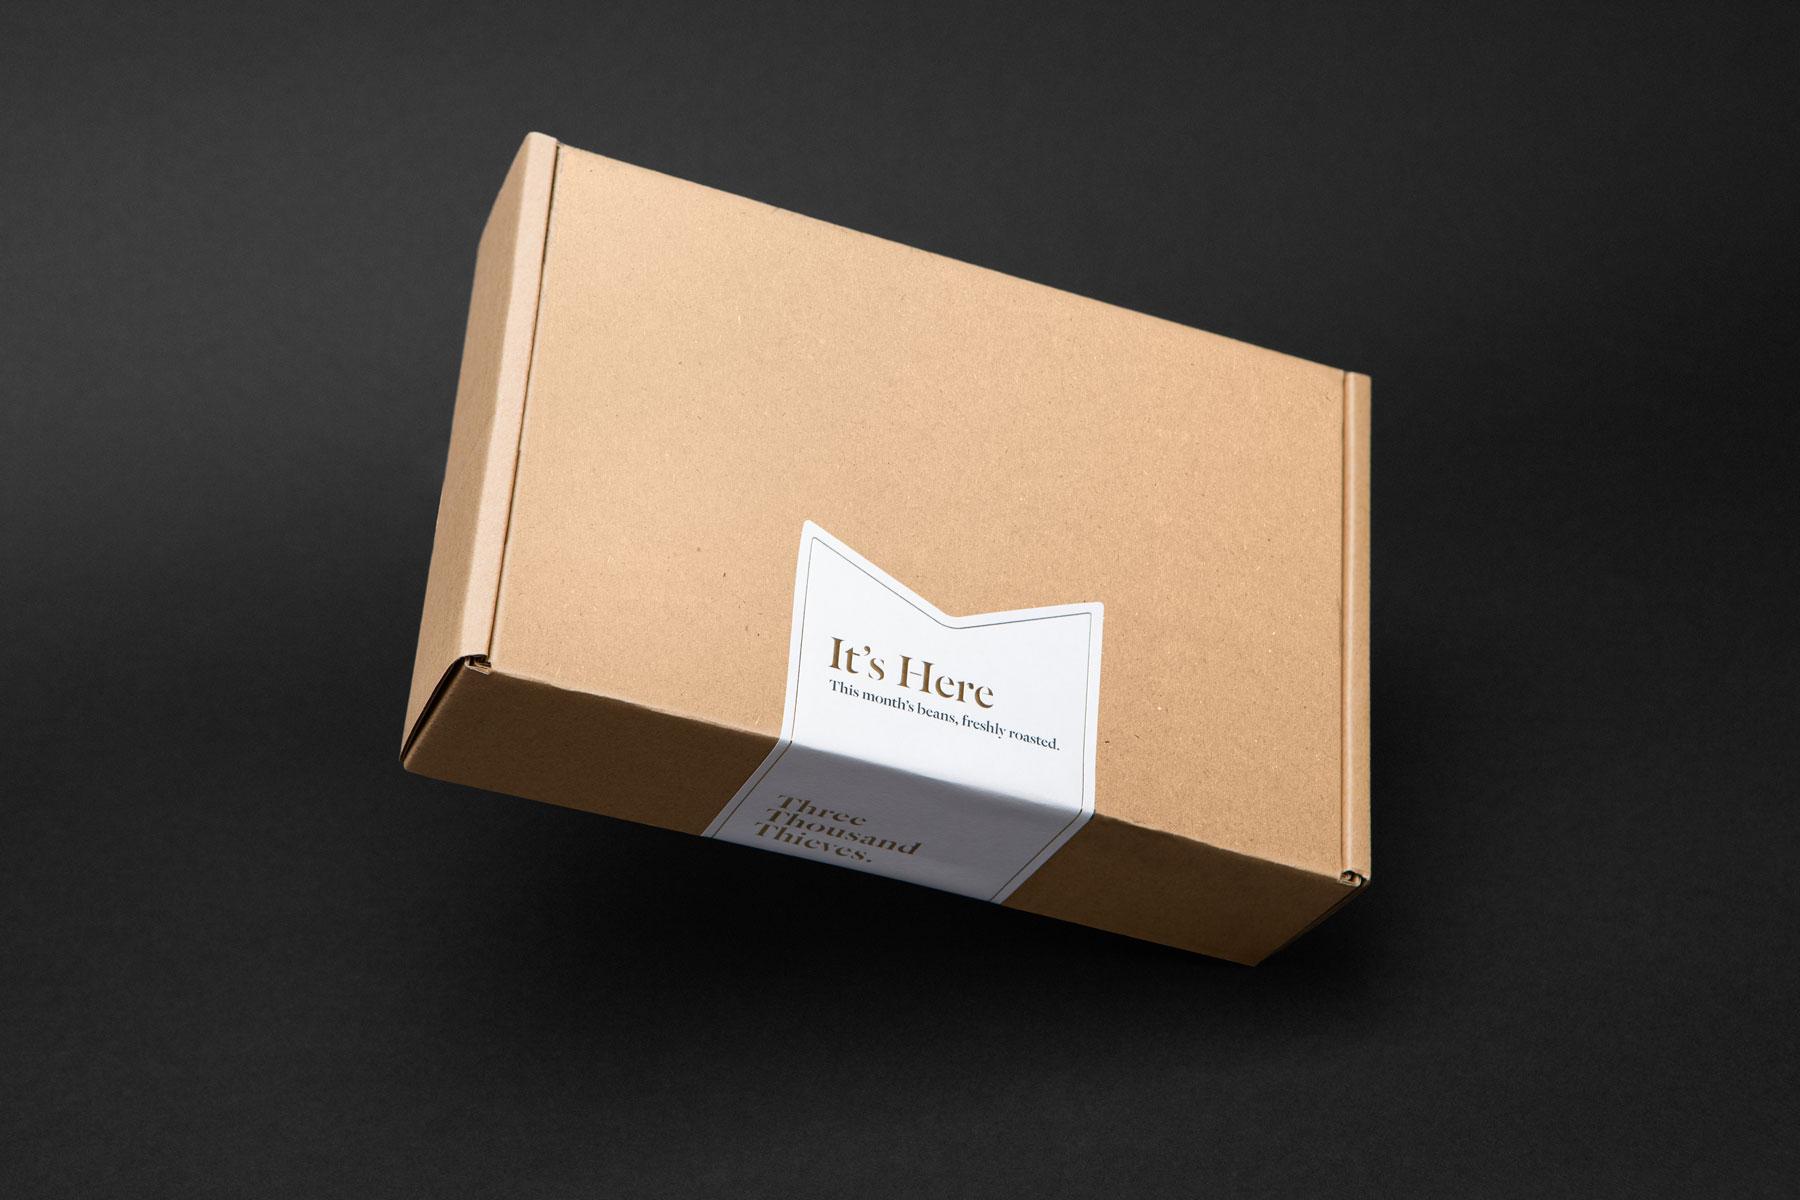 3TT-Box.Box2_